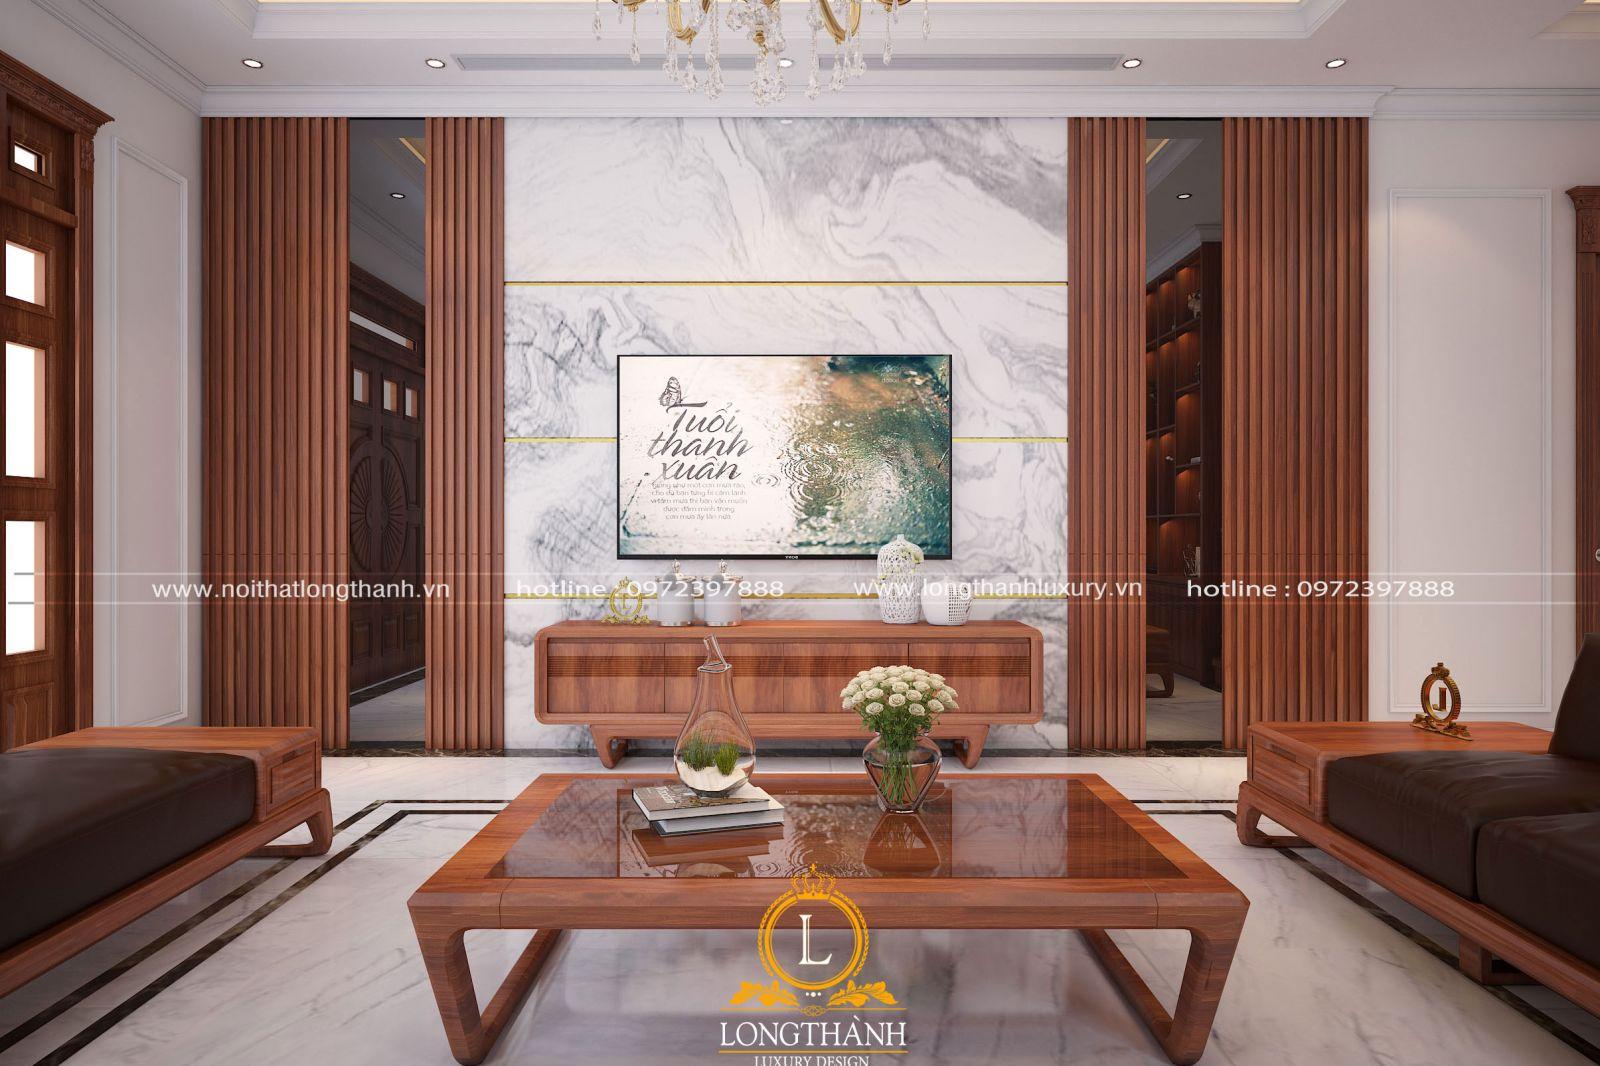 Nội thất phòng khách hiện đại đẹp tinh tế với gam màu hài hòa cân đối